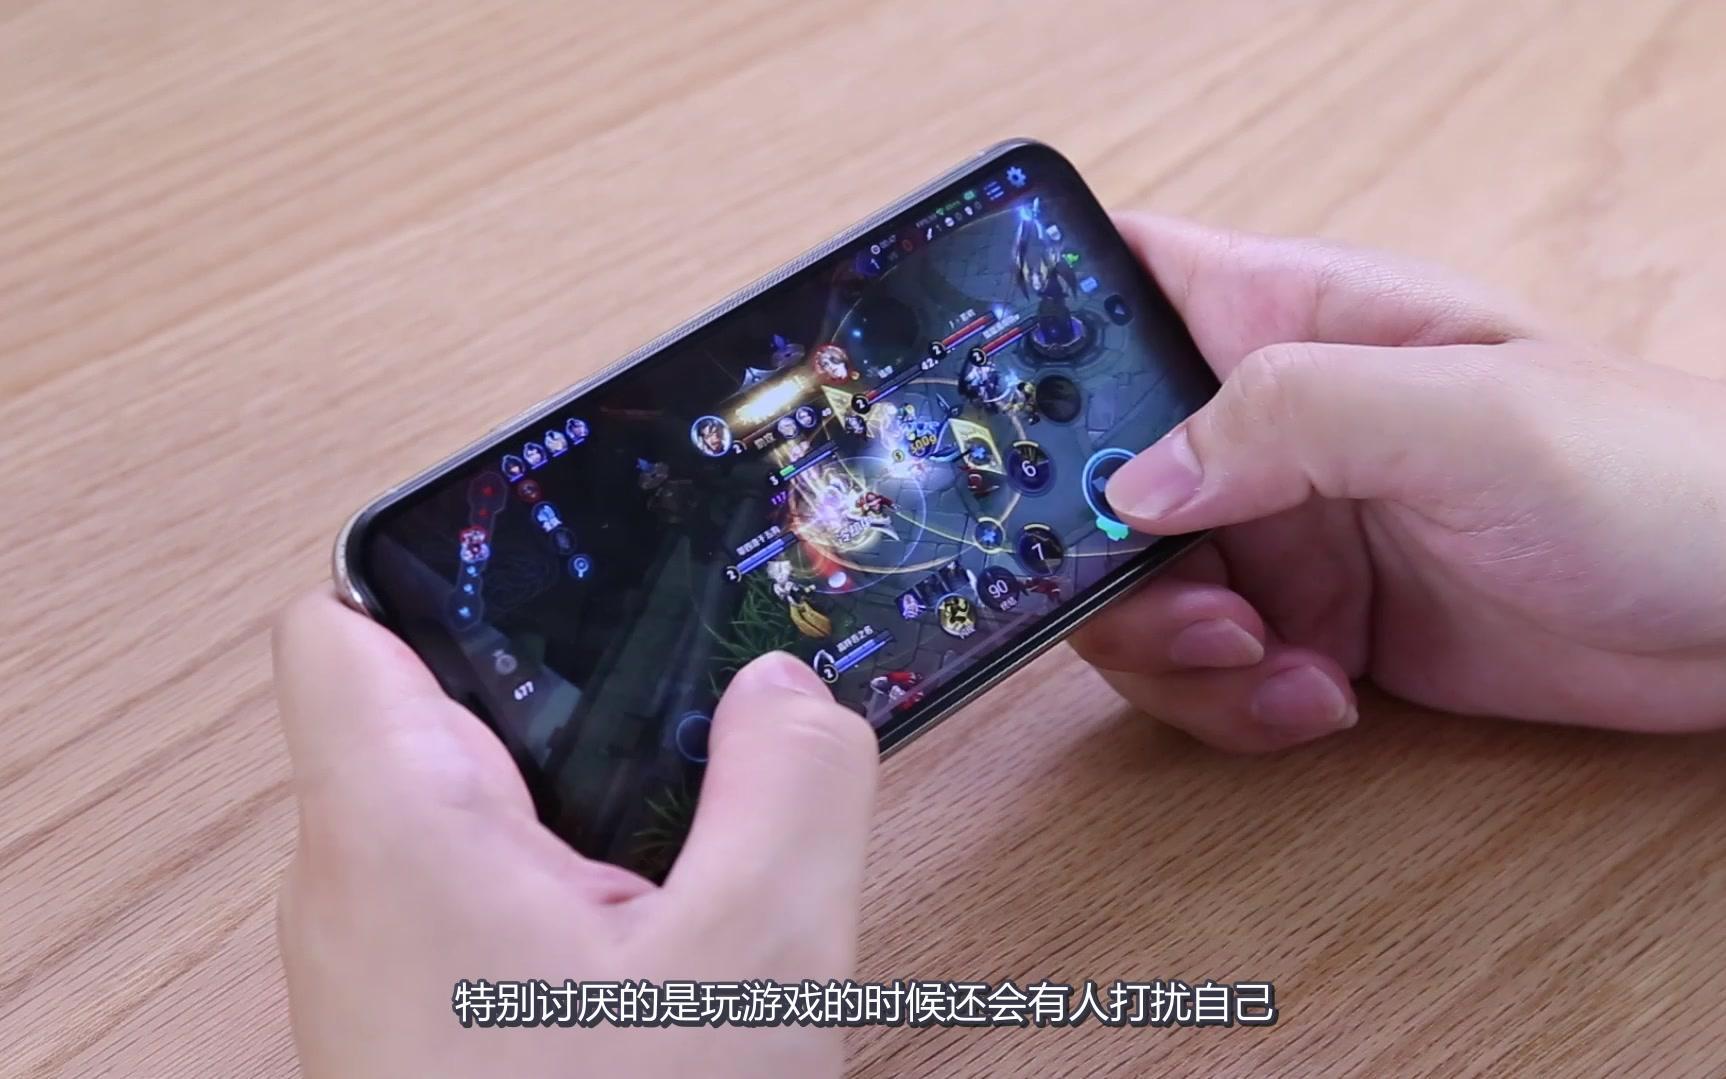 游戏达人发表对黑鲨手机的看法,网友:瞎说什么大实话